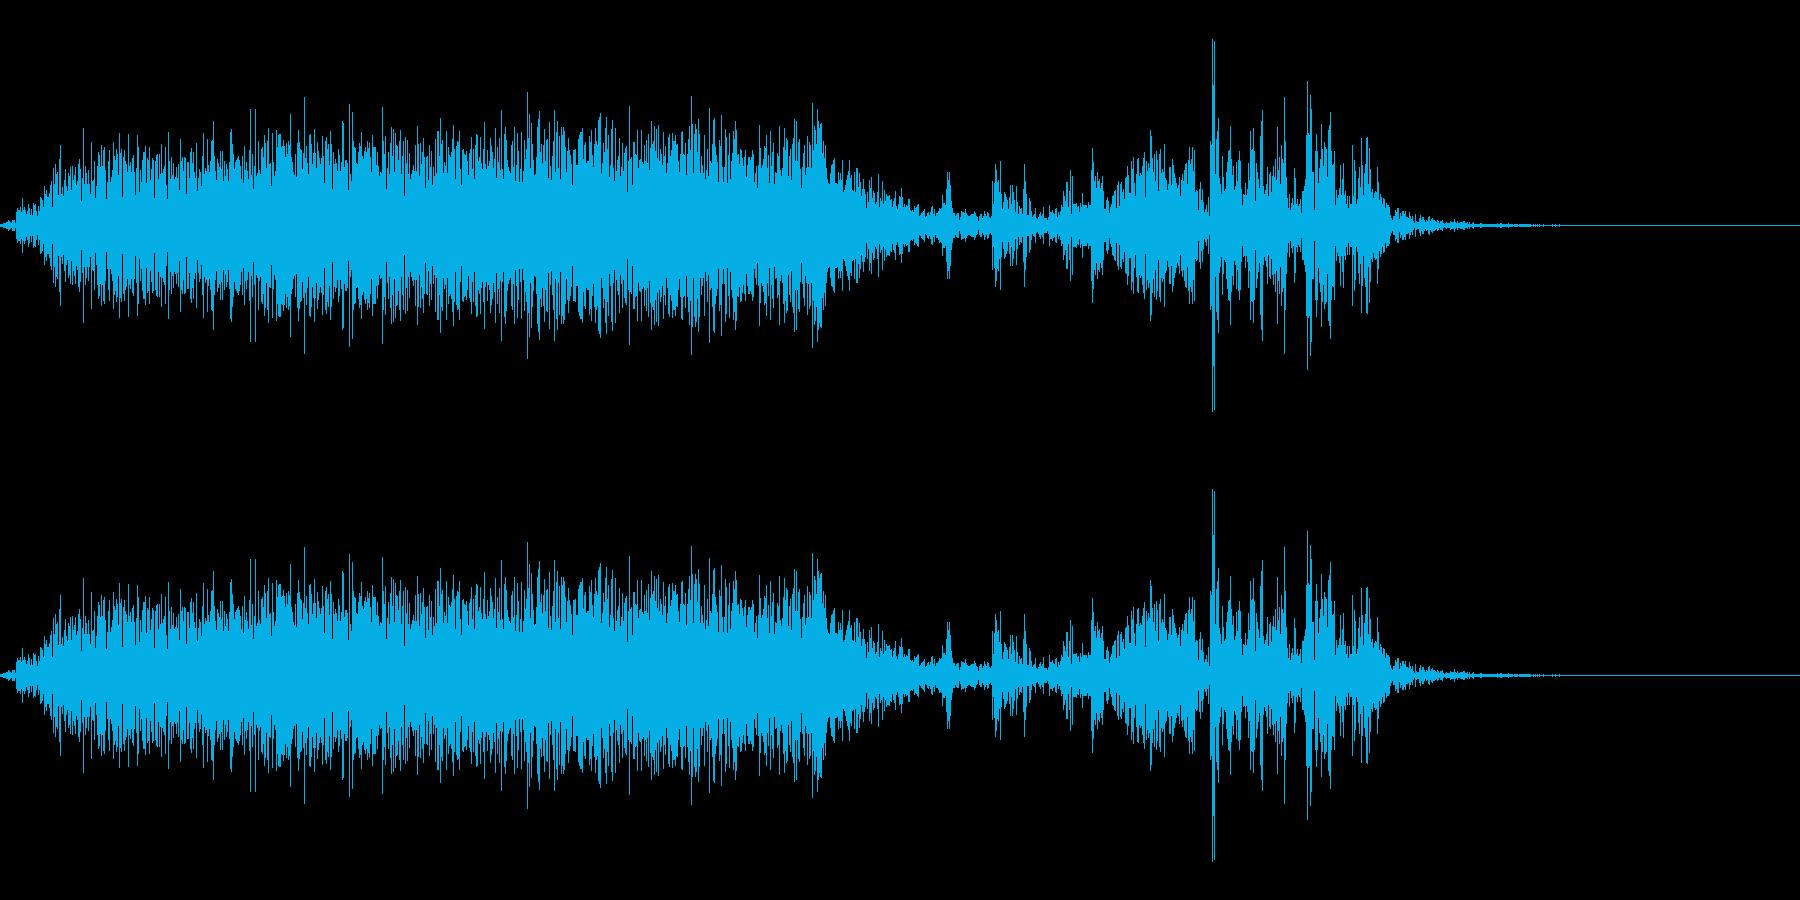 【生録音】本のページをめくる音 3の再生済みの波形